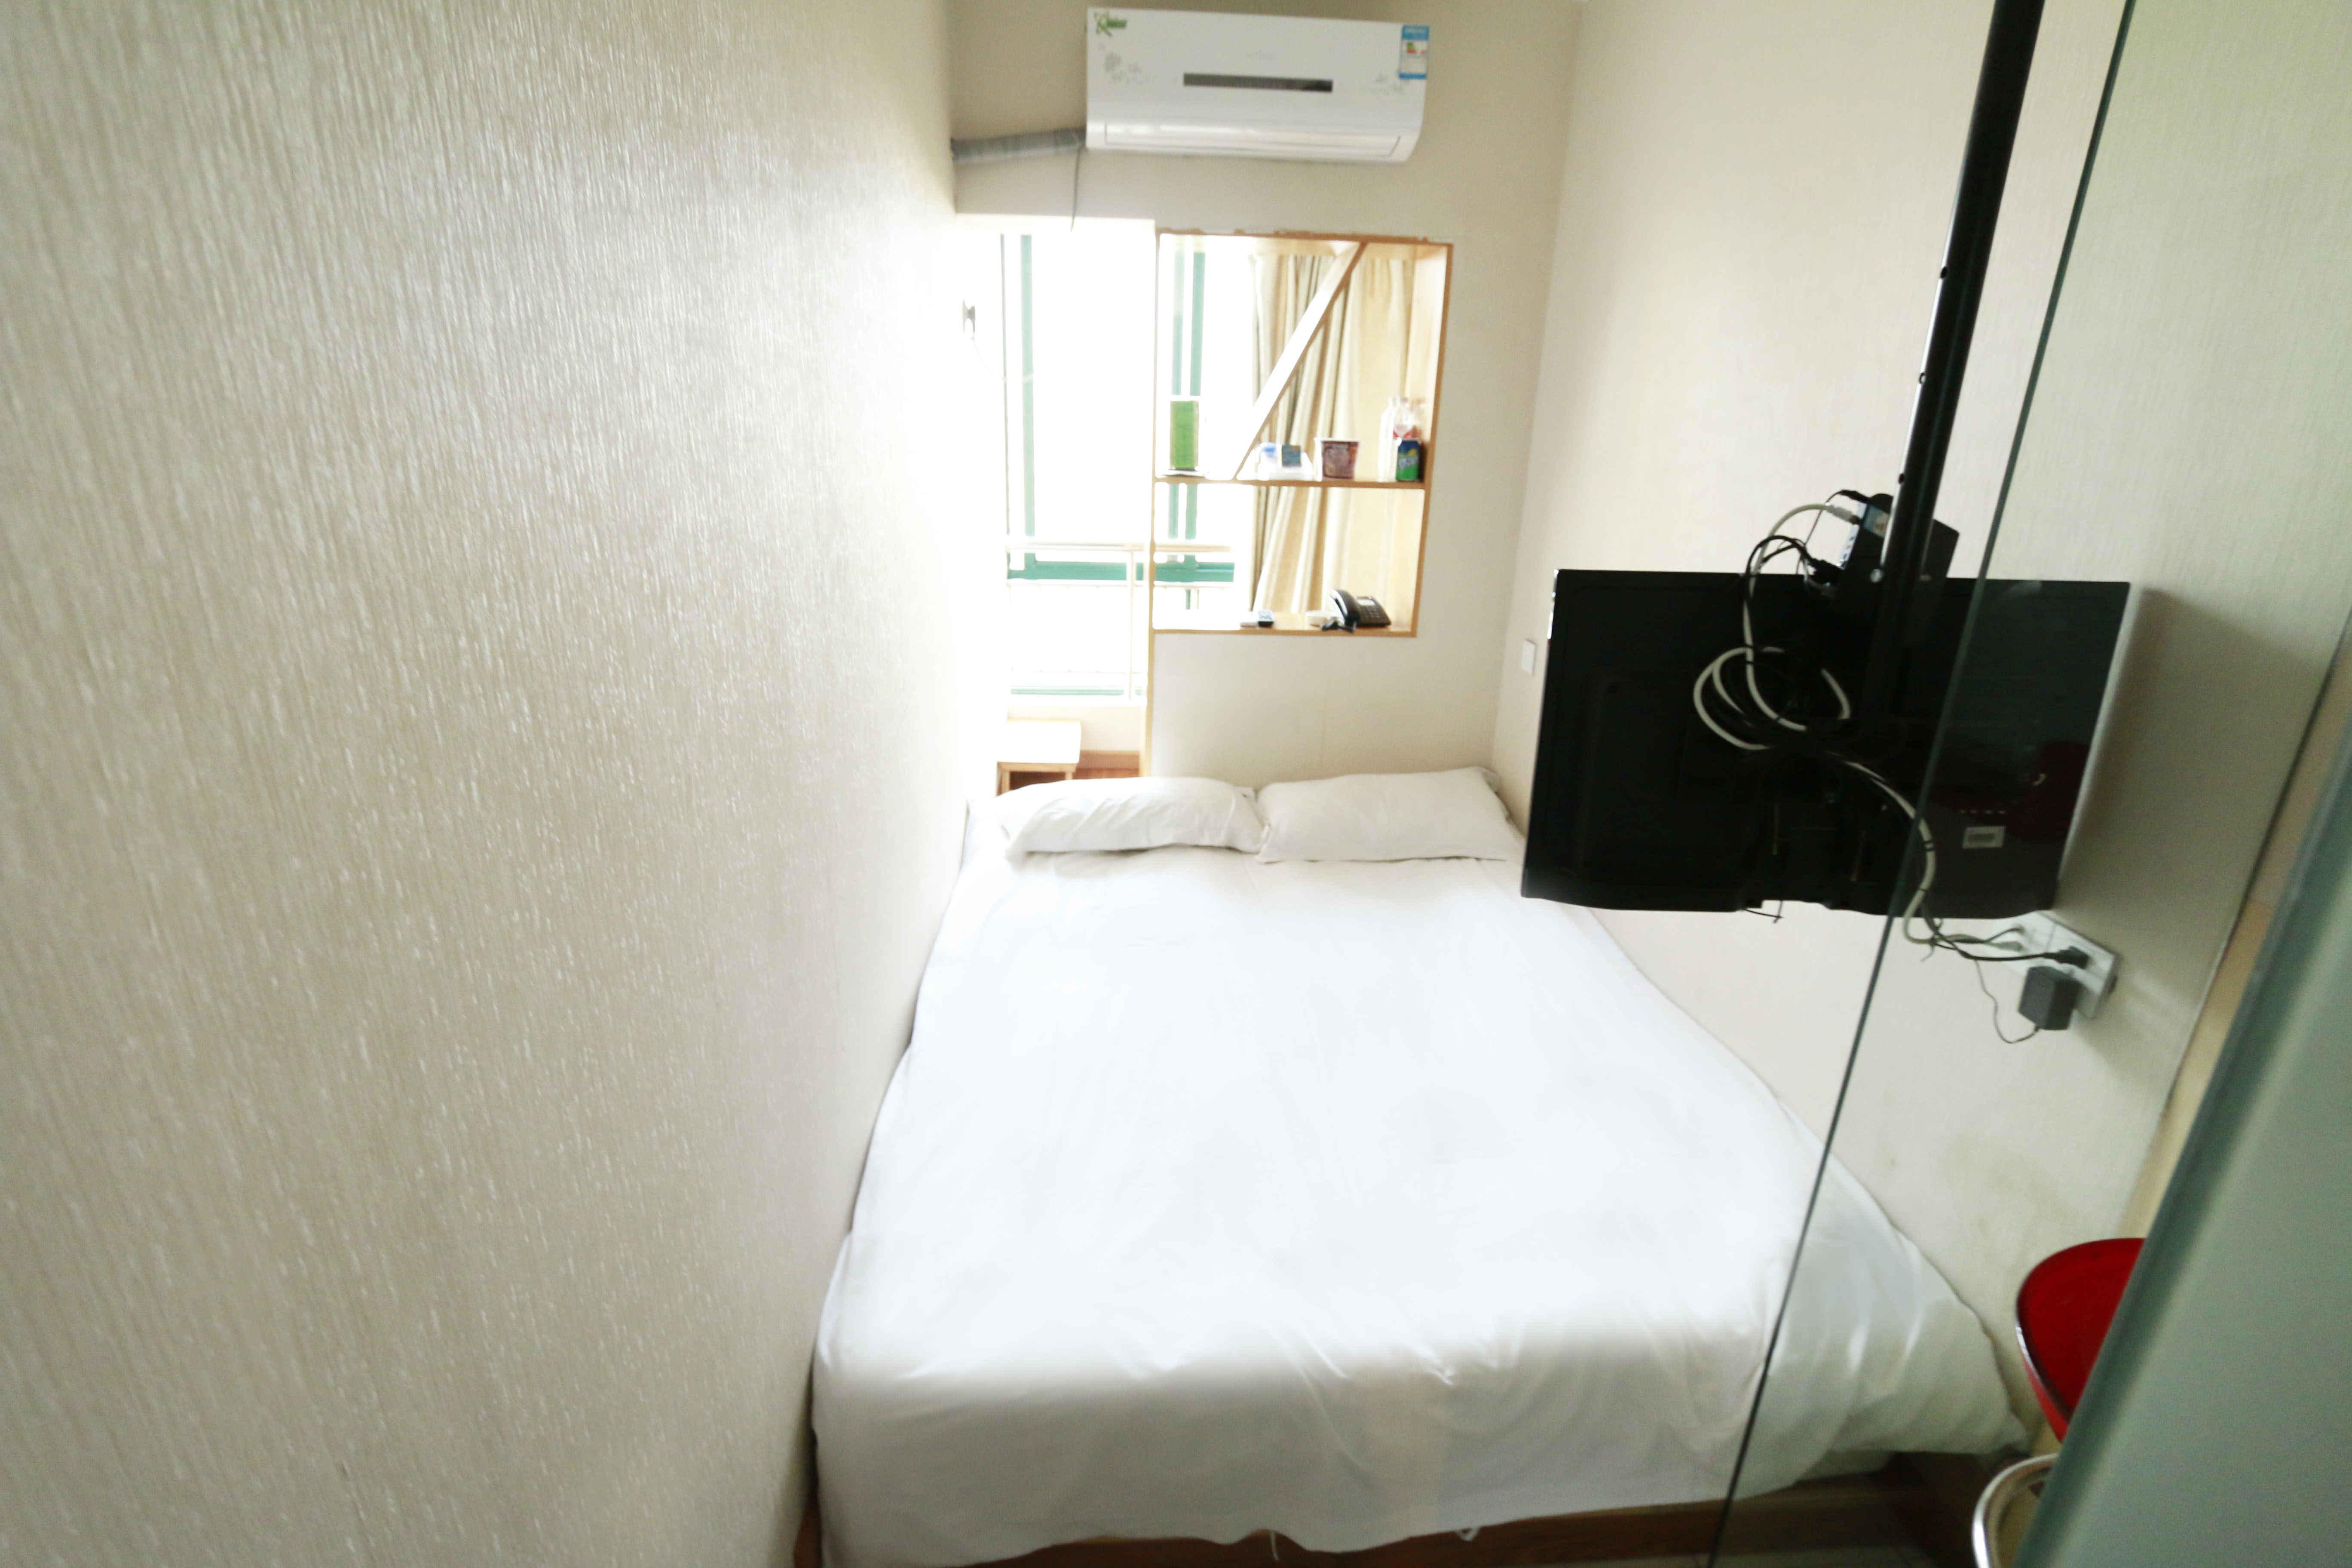 随寓青年公寓酒店(浙江传媒学院佑途主题店)背包客栈